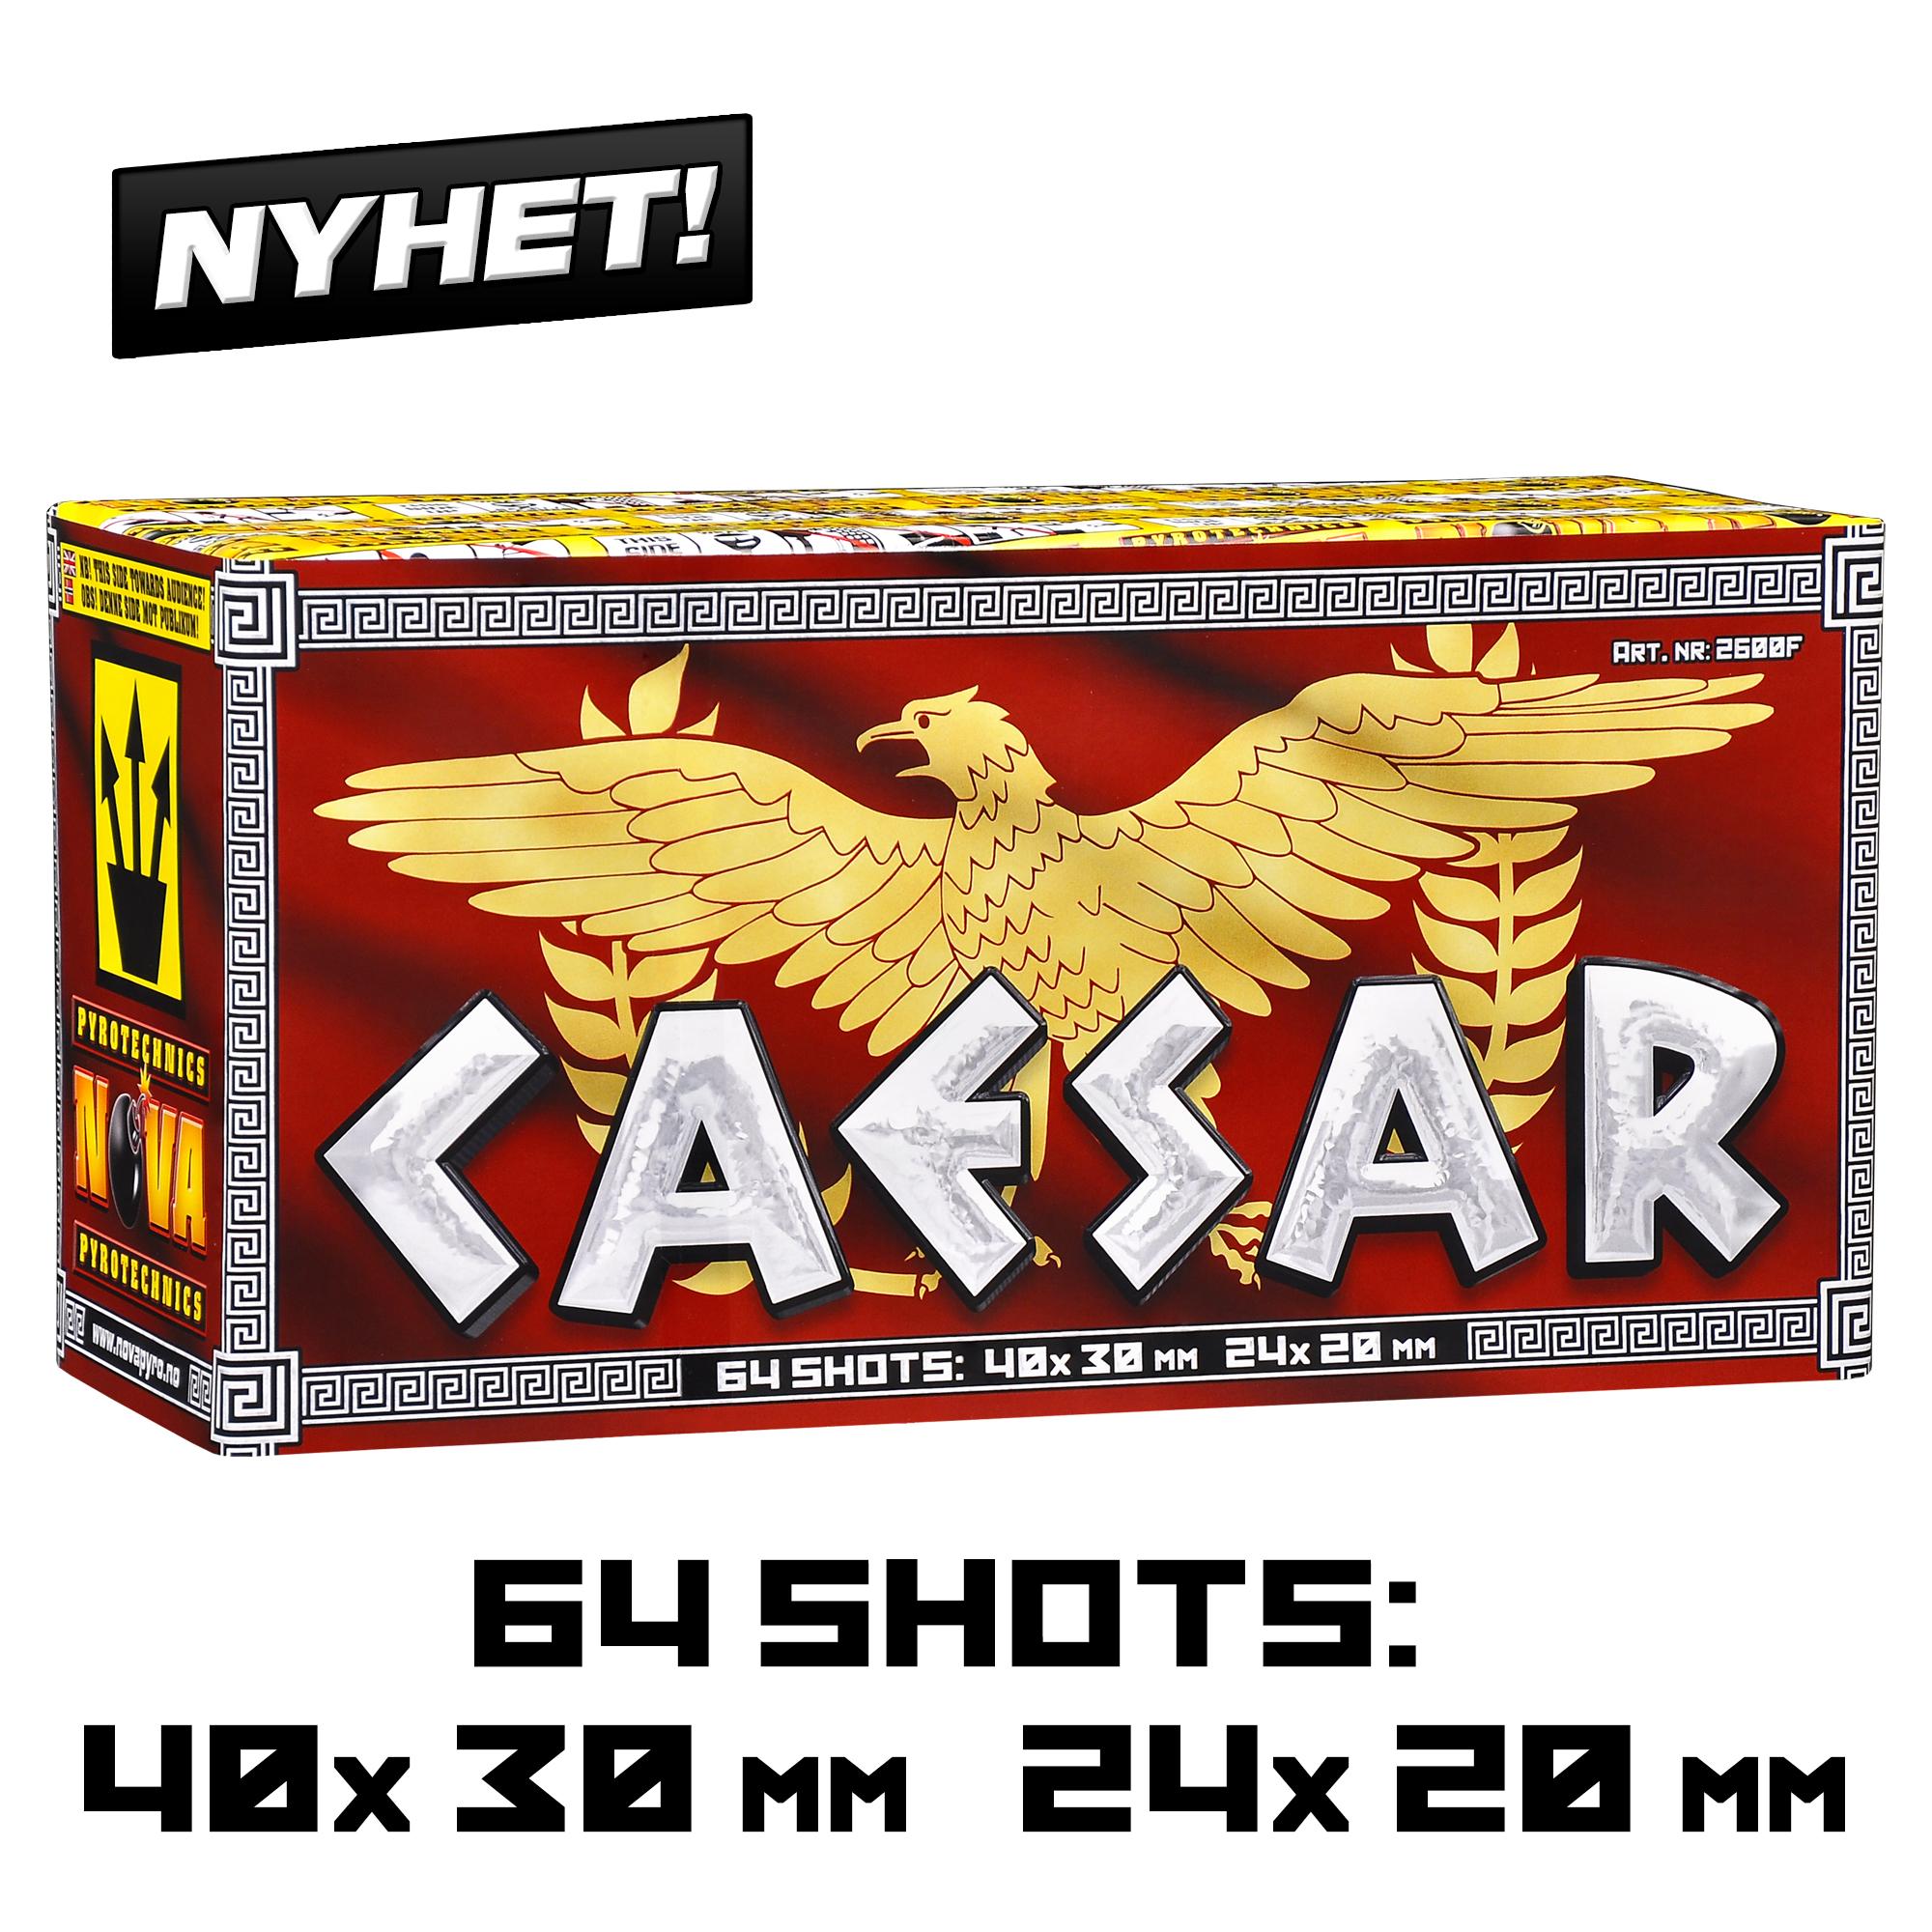 https://www.flintfotball.no/wp-content/uploads/2020/12/Facebook_2600_Caesar.jpg